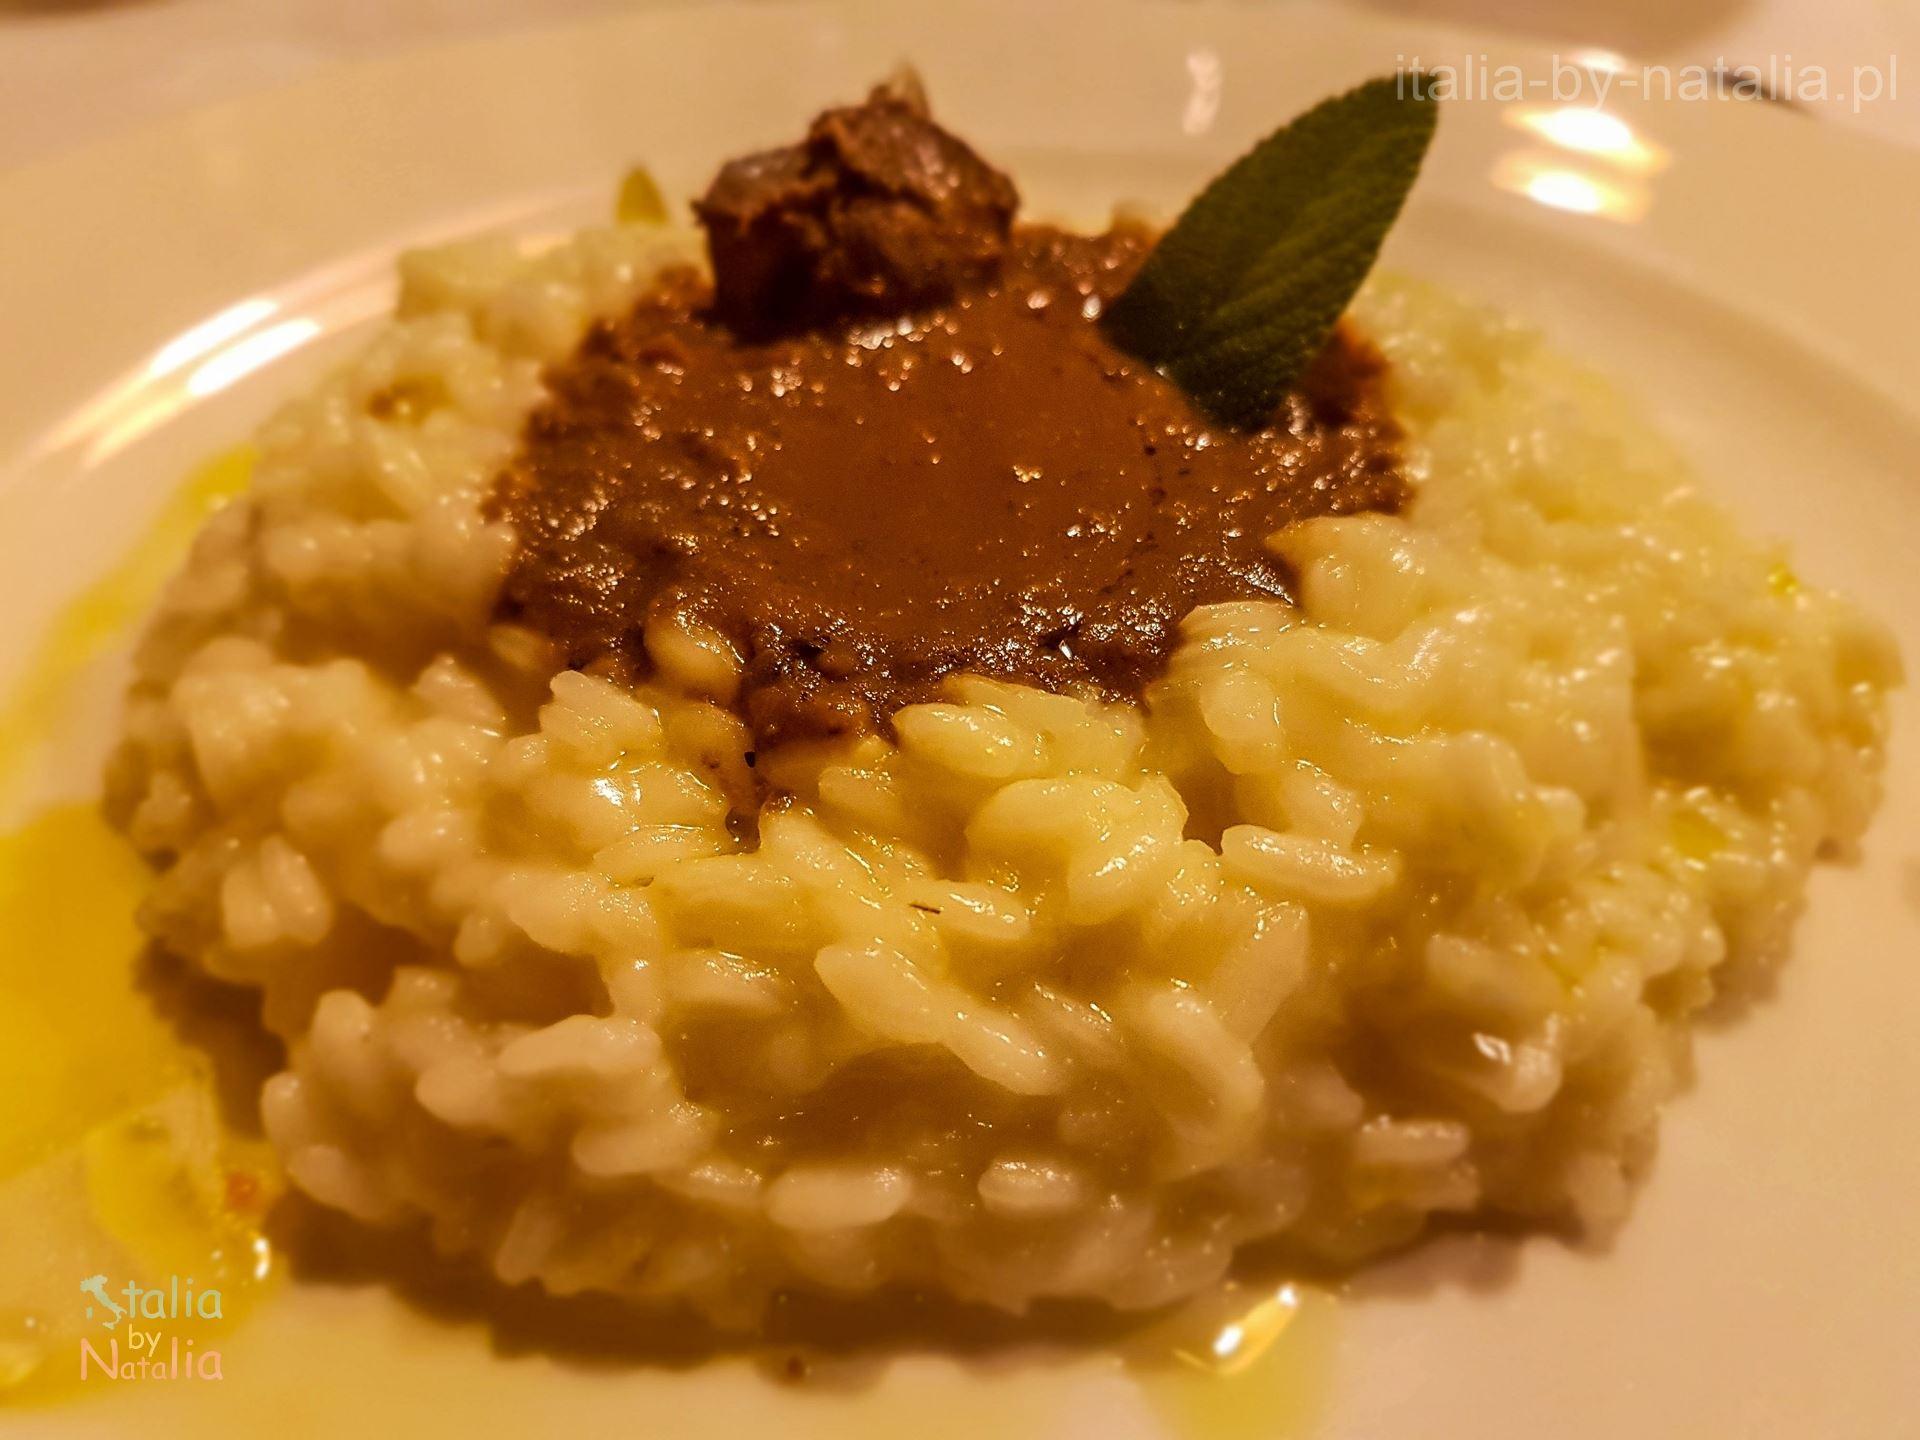 Querceto sprawdzone restauracje w Toskanii gdzie dobrze zjeść